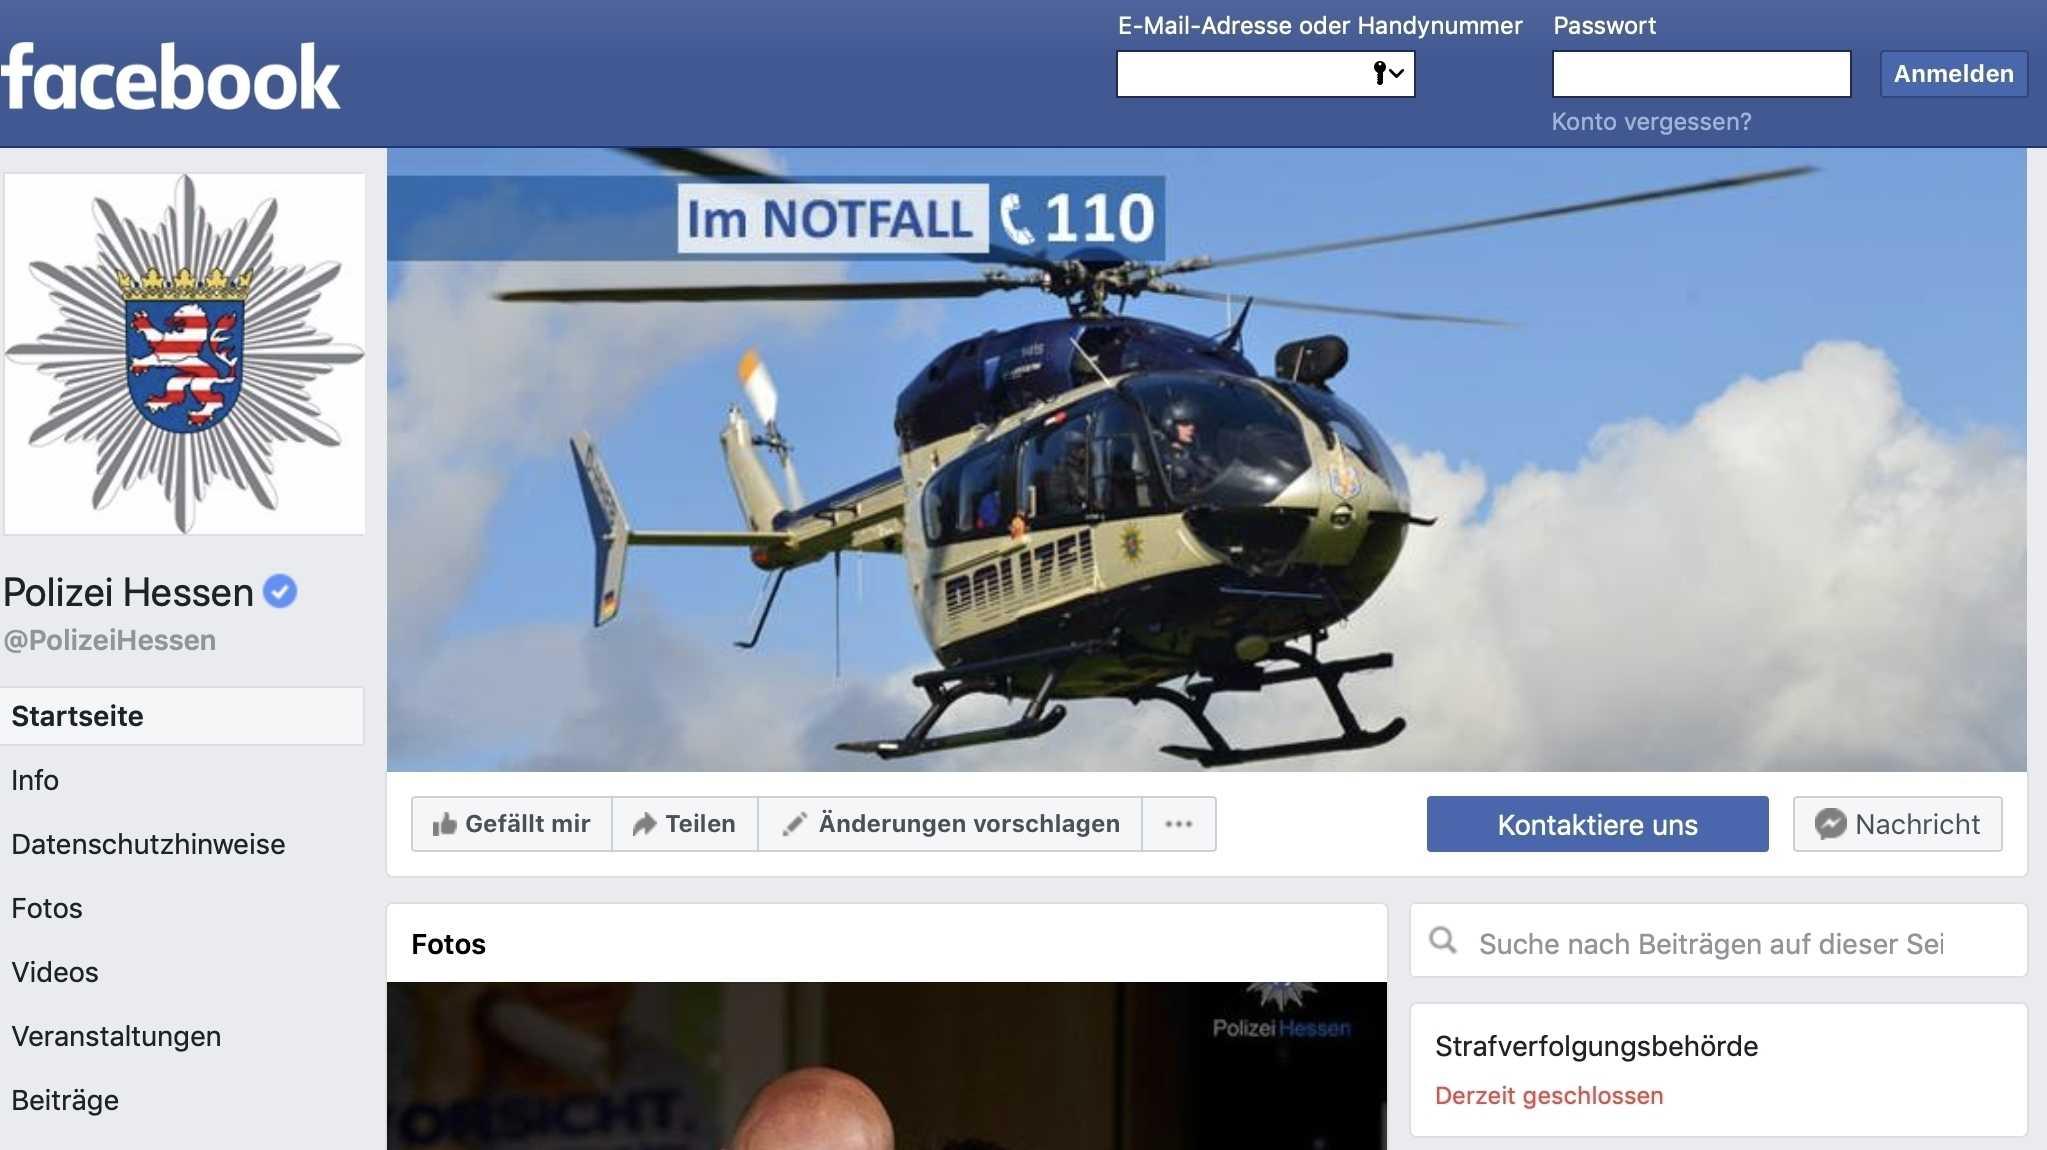 Hessen: Polizei kämpft in sozialen Netzwerken um die Wahrheit